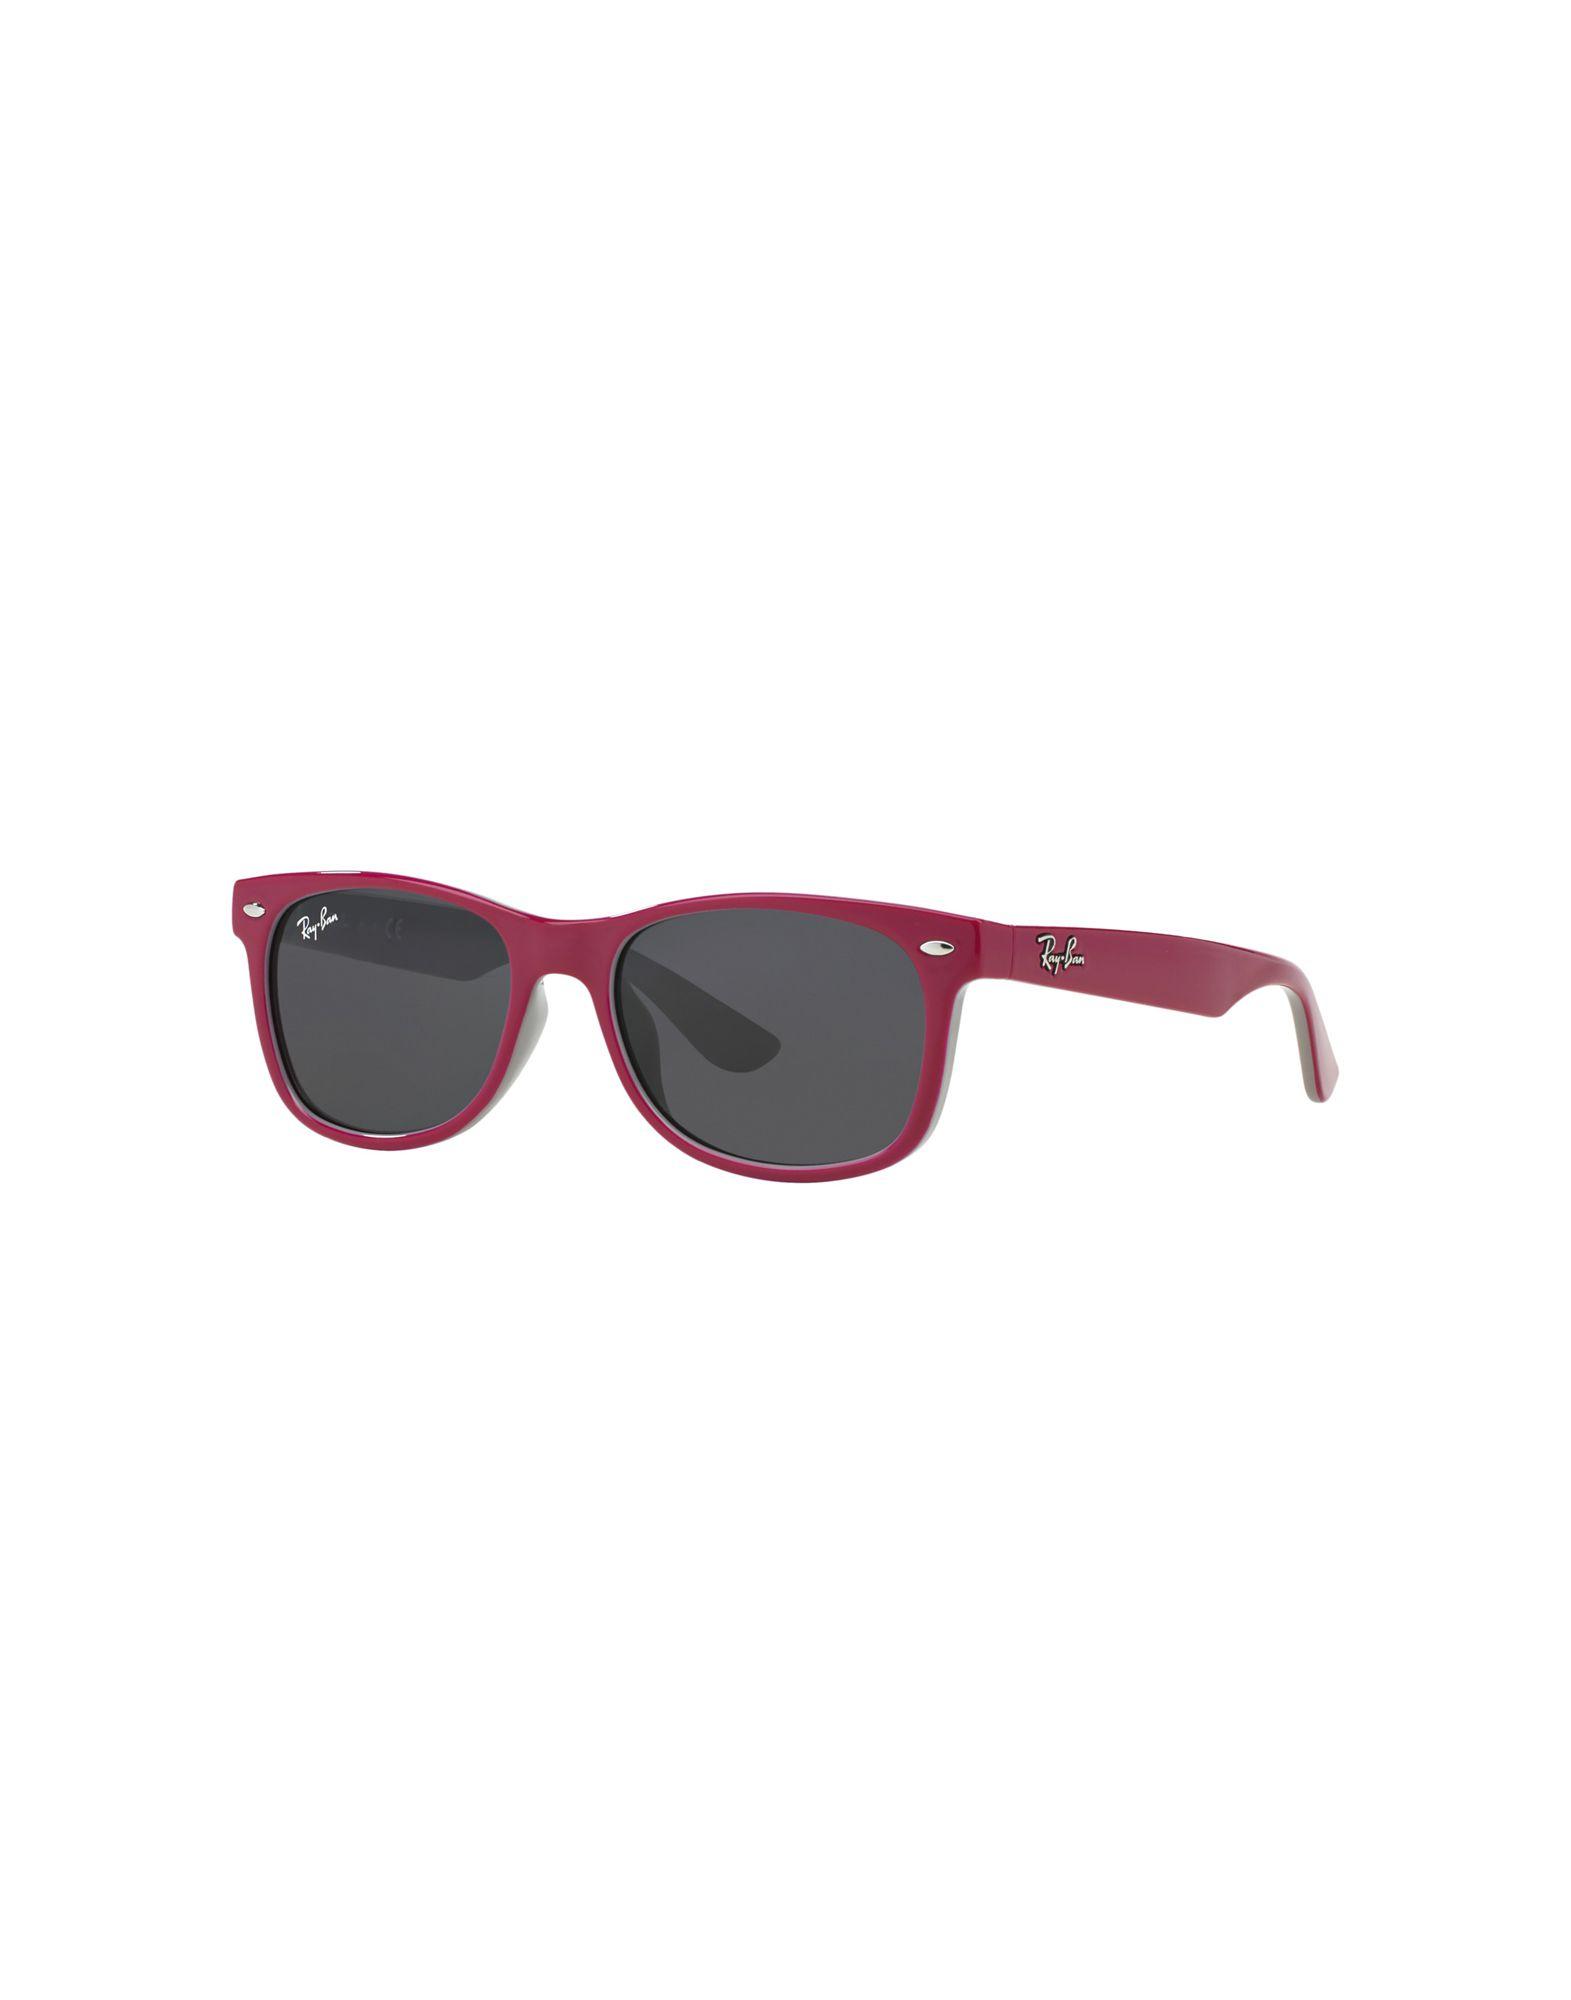 RAY-BAN JUNIOR Unisex Sonnenbrille Farbe Purpur Größe 1 jetztbilligerkaufen